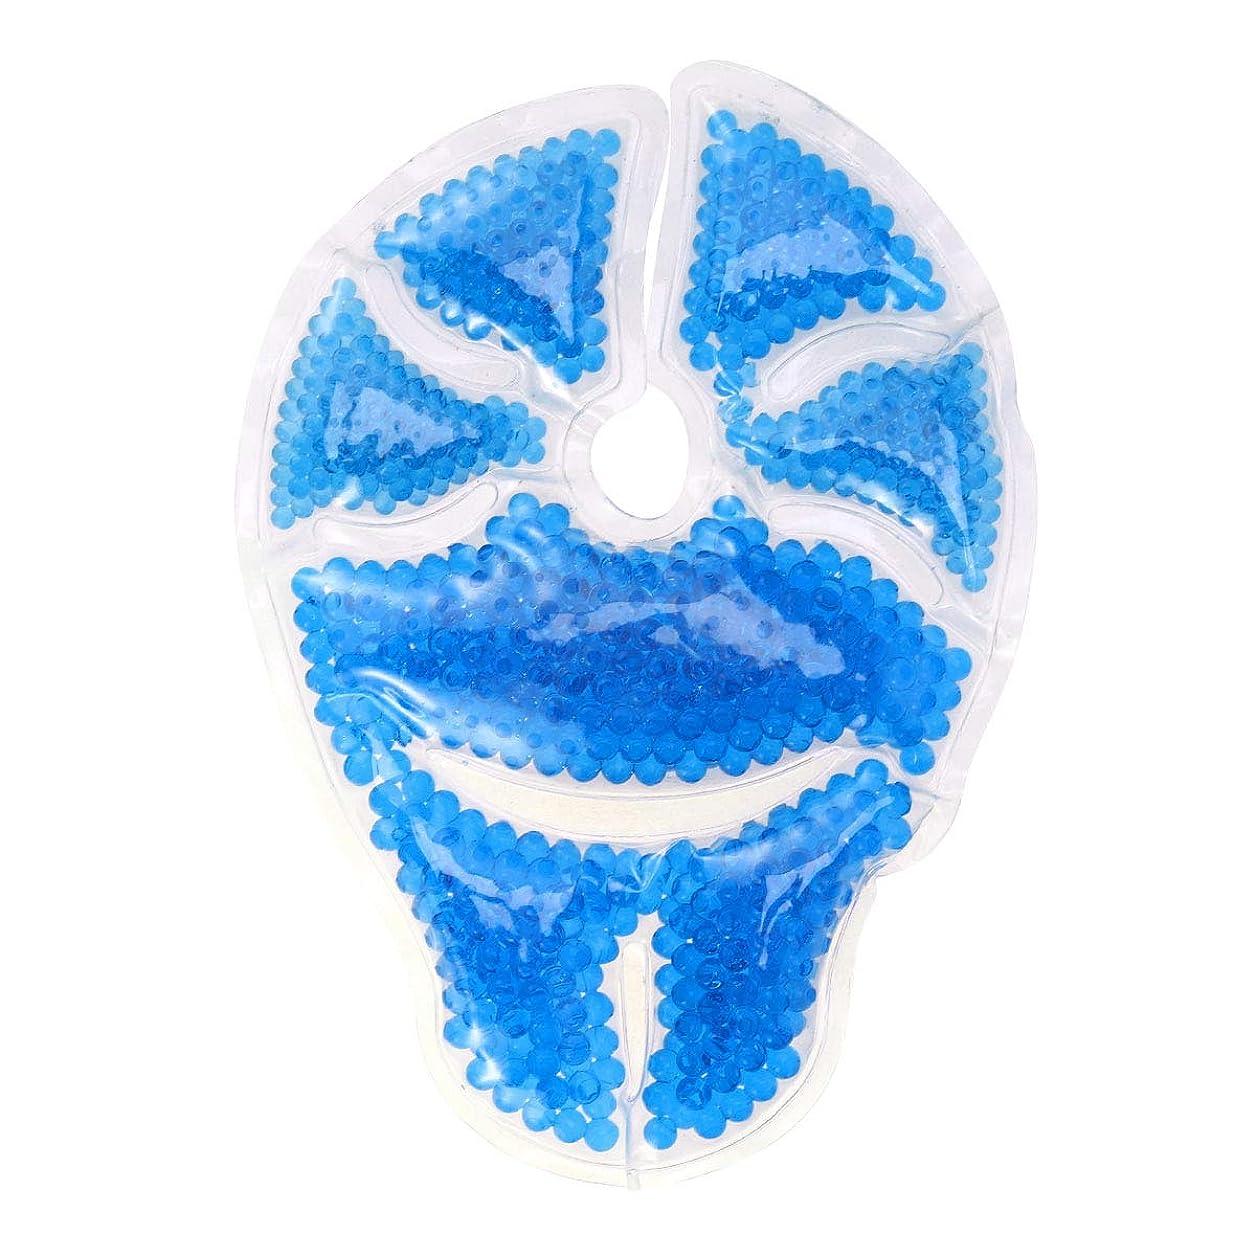 ギャング外交モットーHealifty 乳房温熱療法用乳房治療ジェルパッドアイスパック詰め合わせ用ミルク生産とレリーフブルー